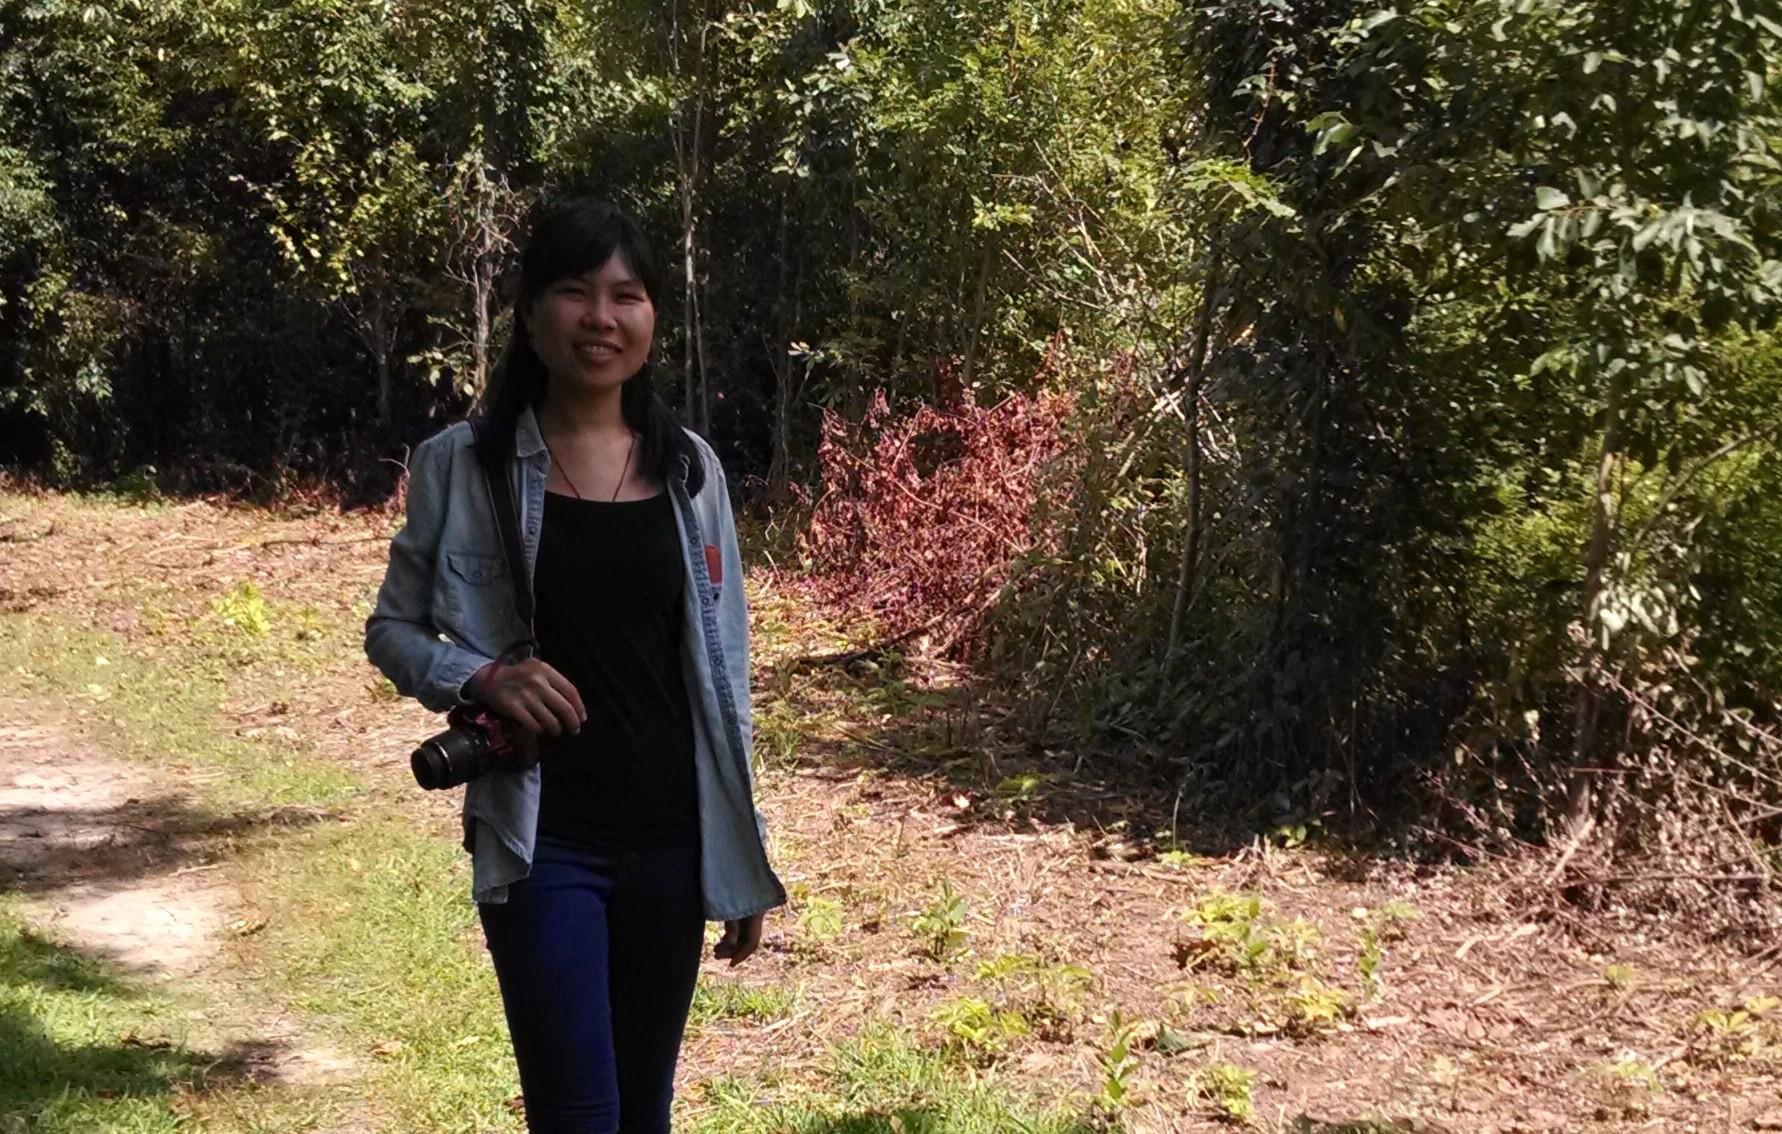 Ying Zhong